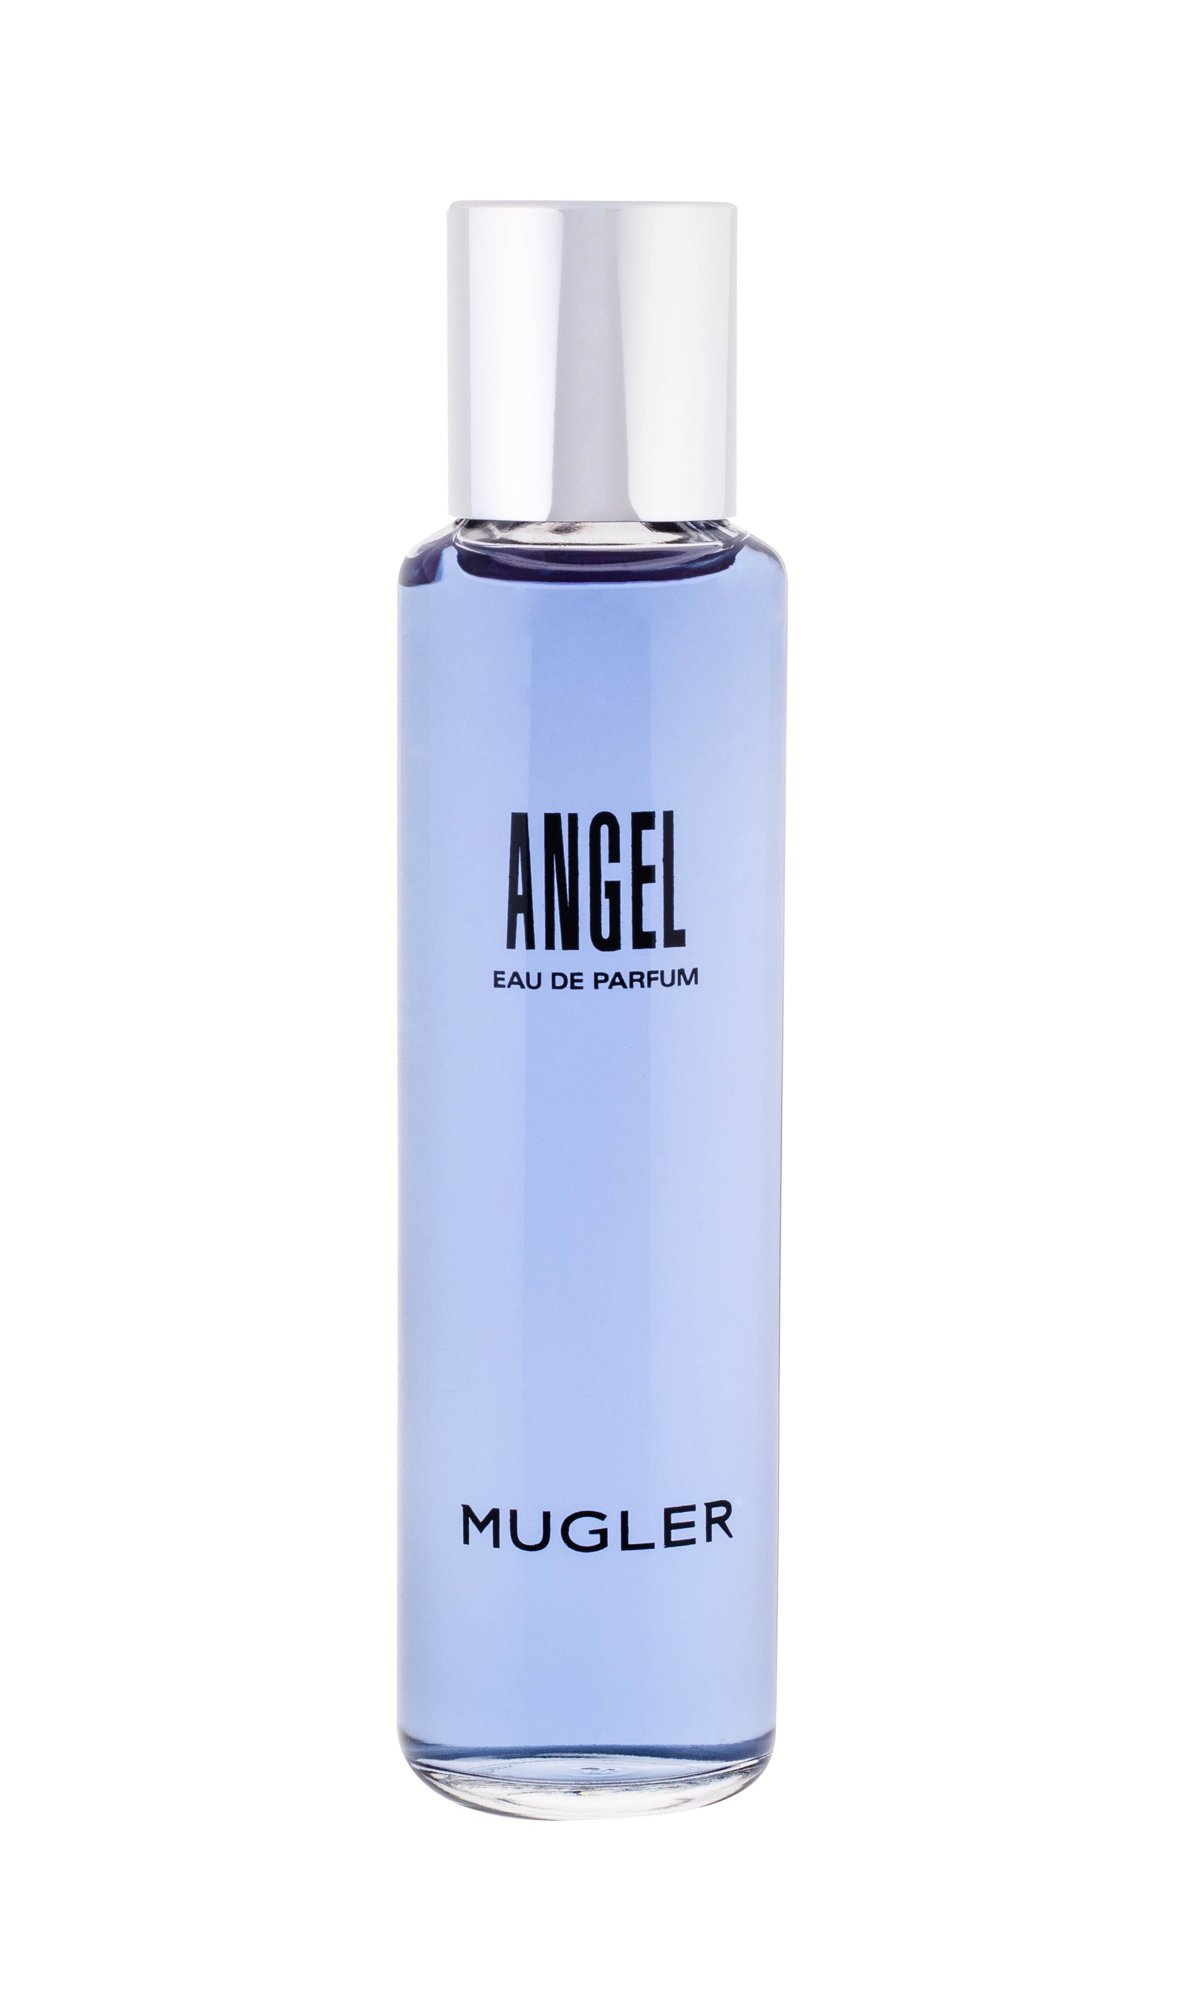 Thierry Mugler Angel Eau de Parfum 100ml